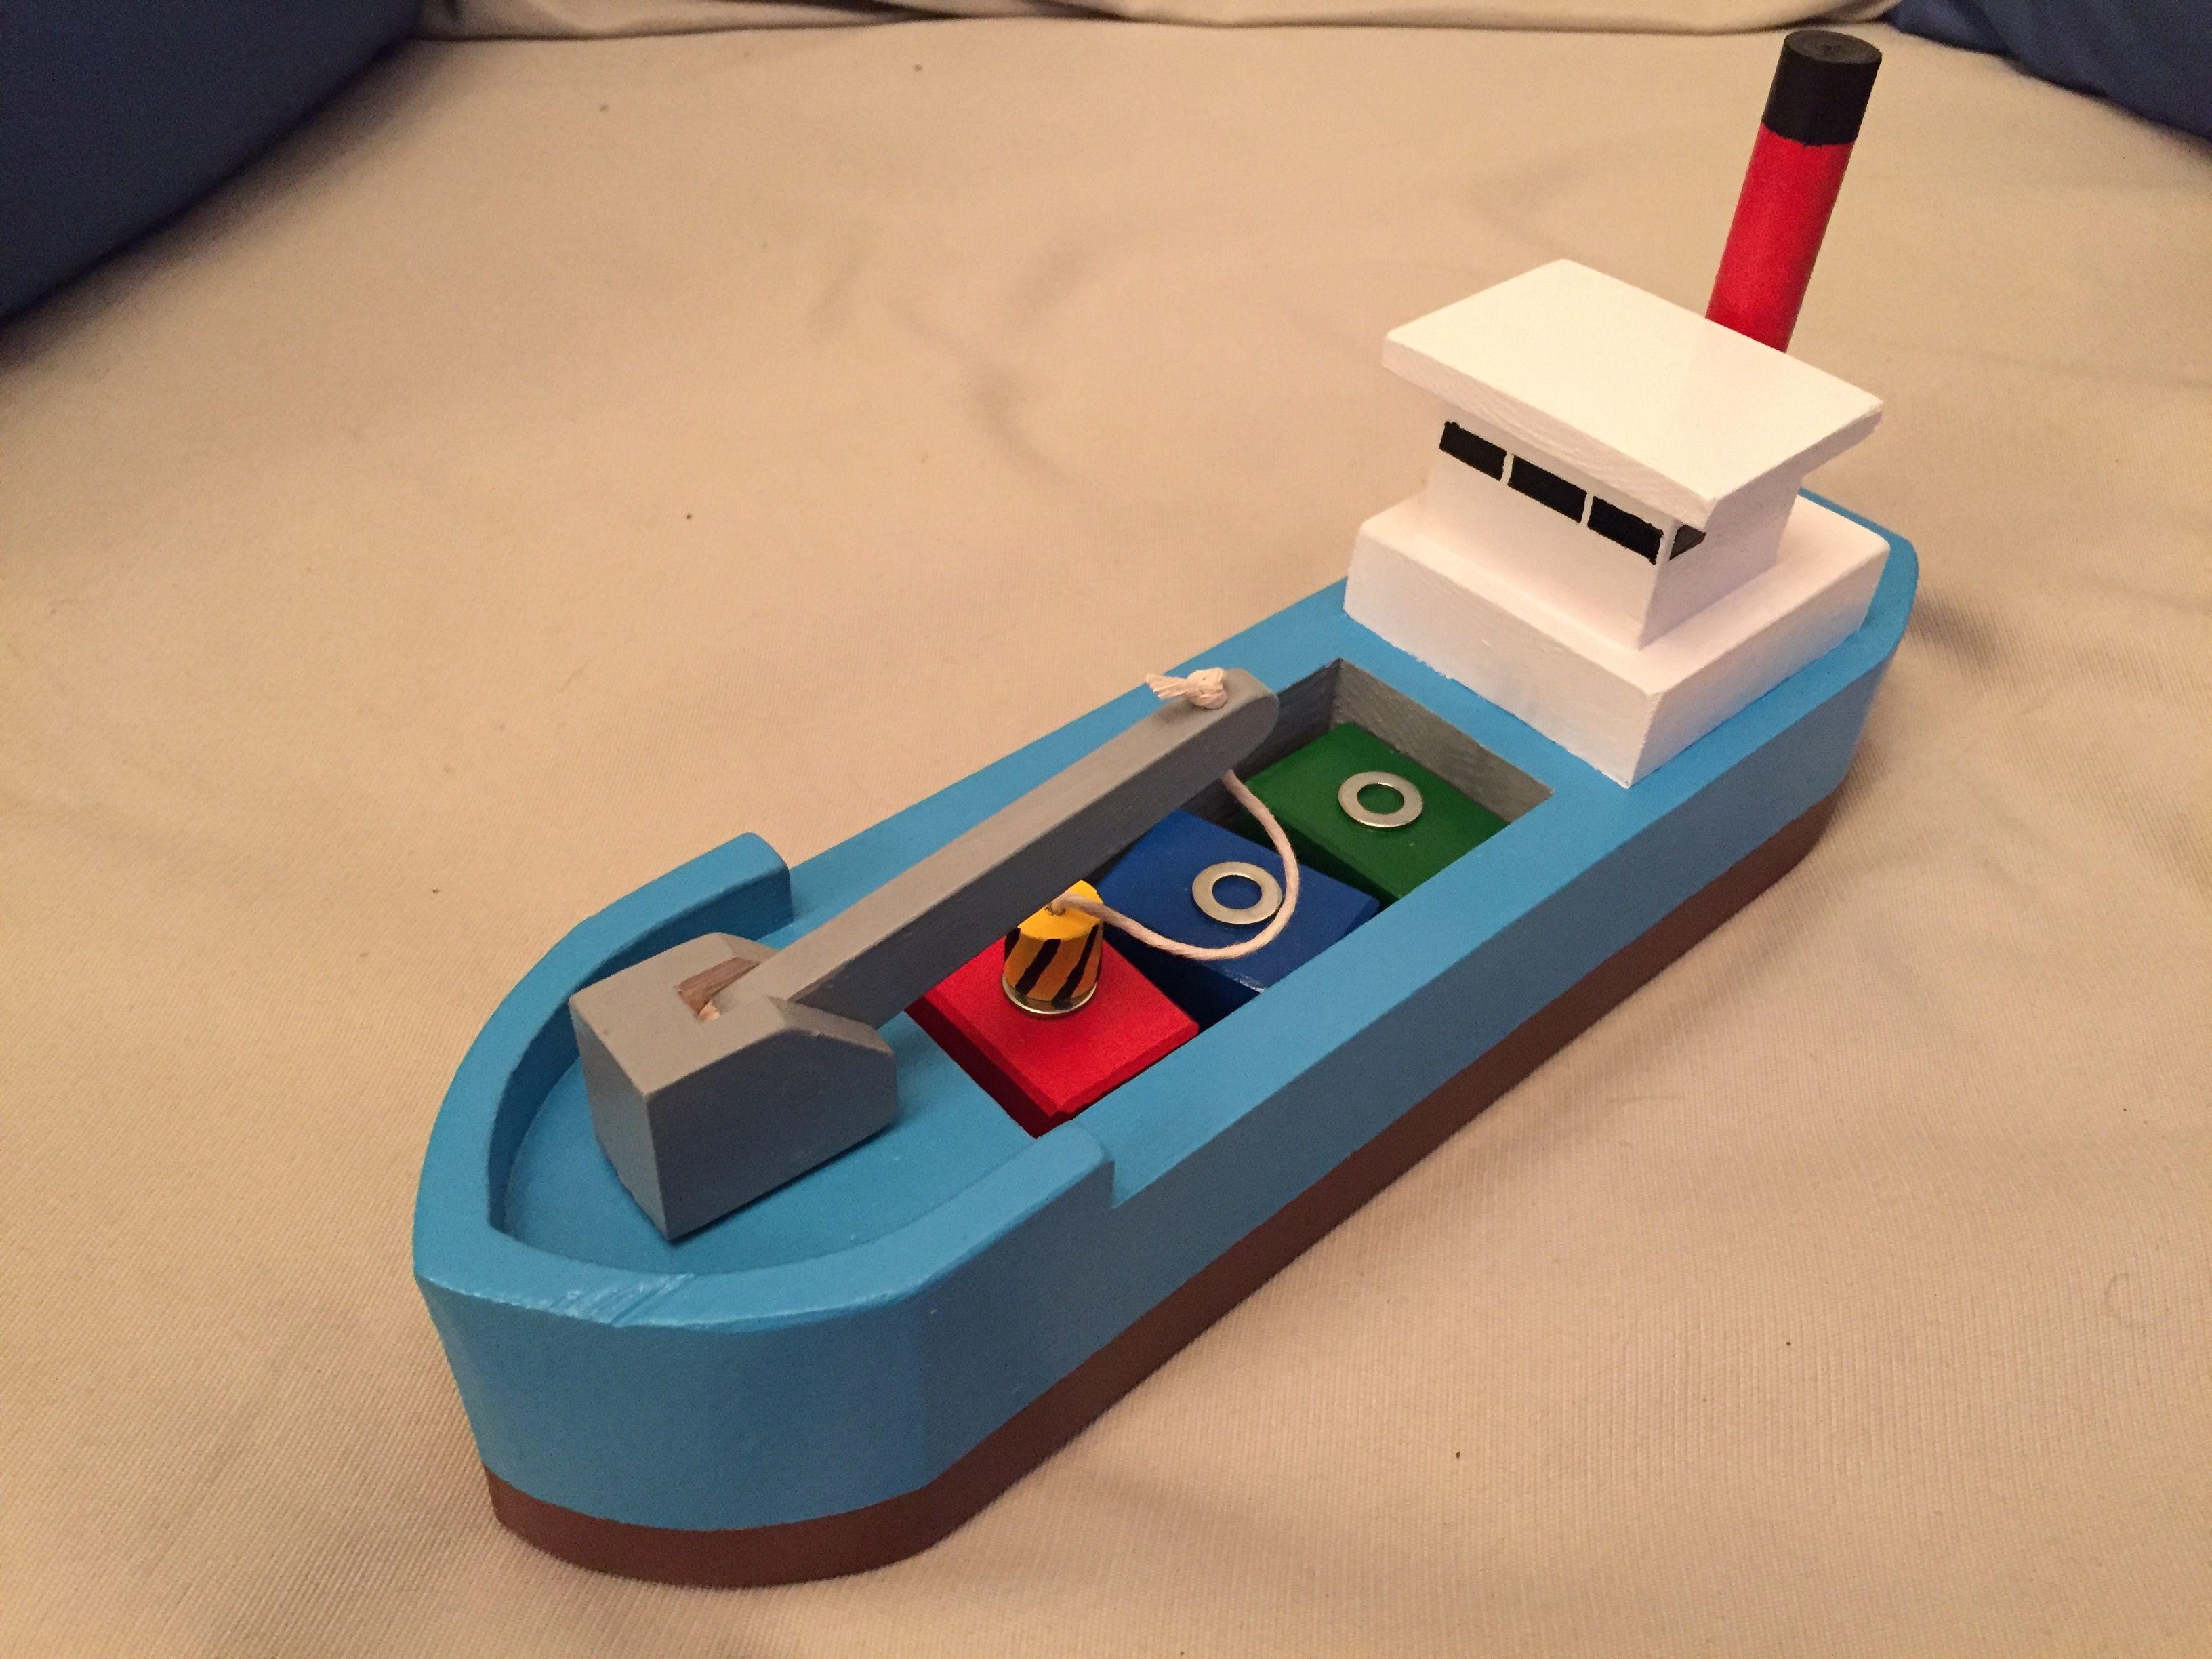 wooden toy cargo ship   dřevěné hračky/wooden toys   wooden